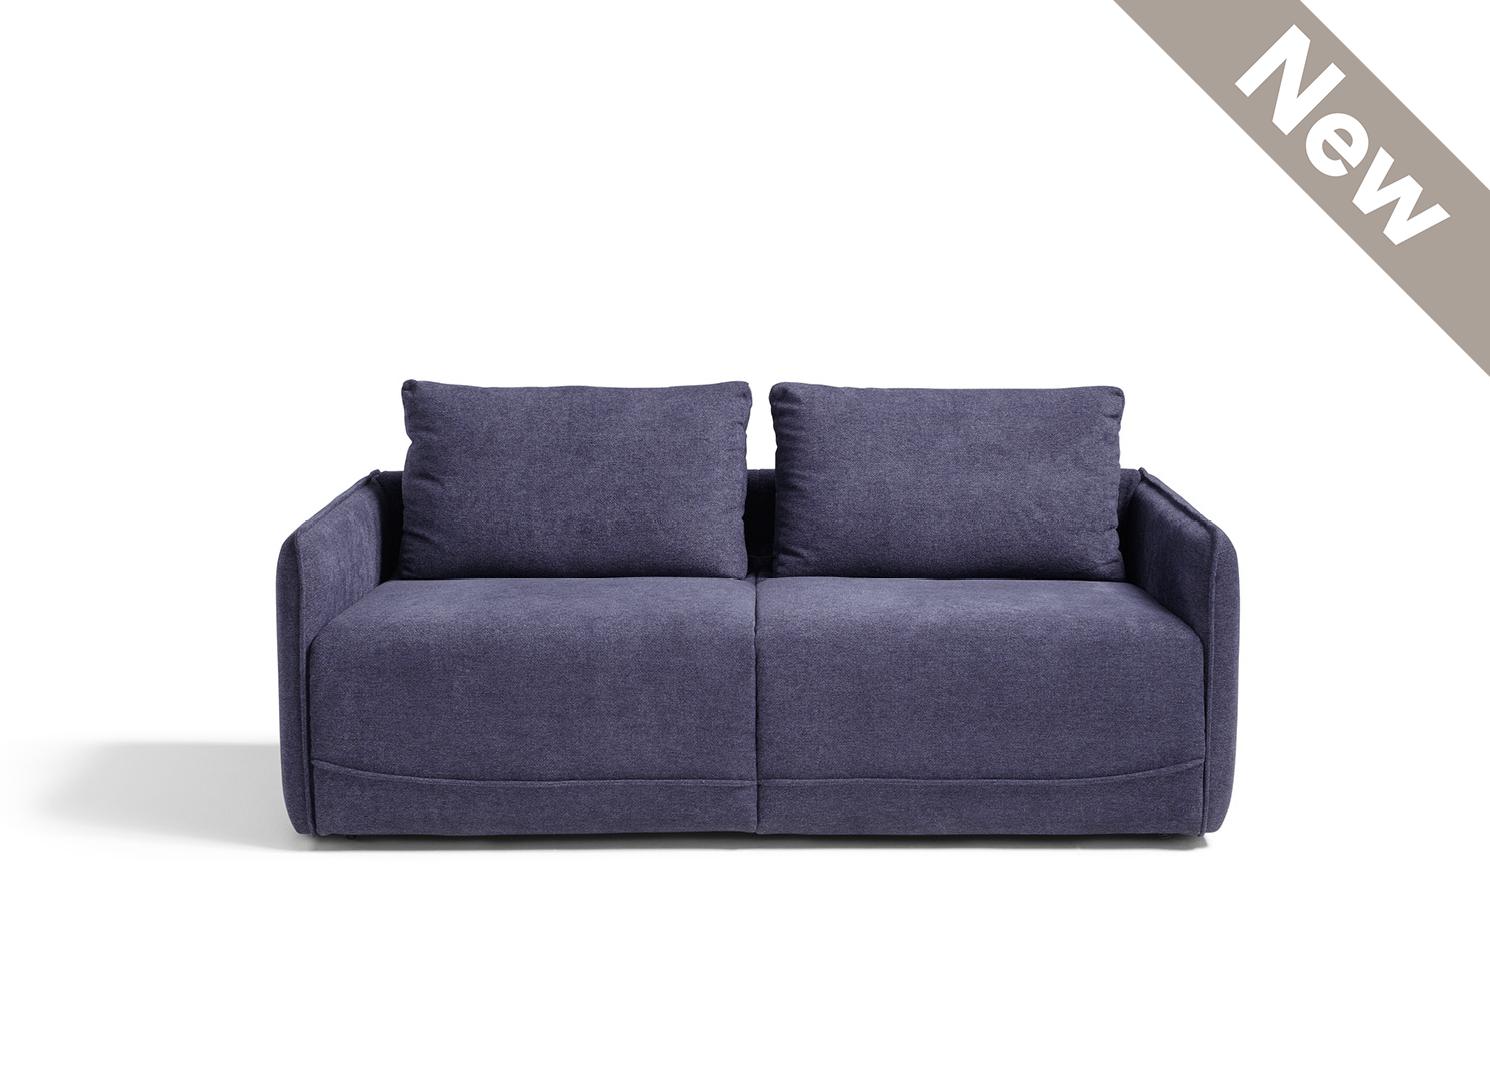 max-divani-duo-divano-letto